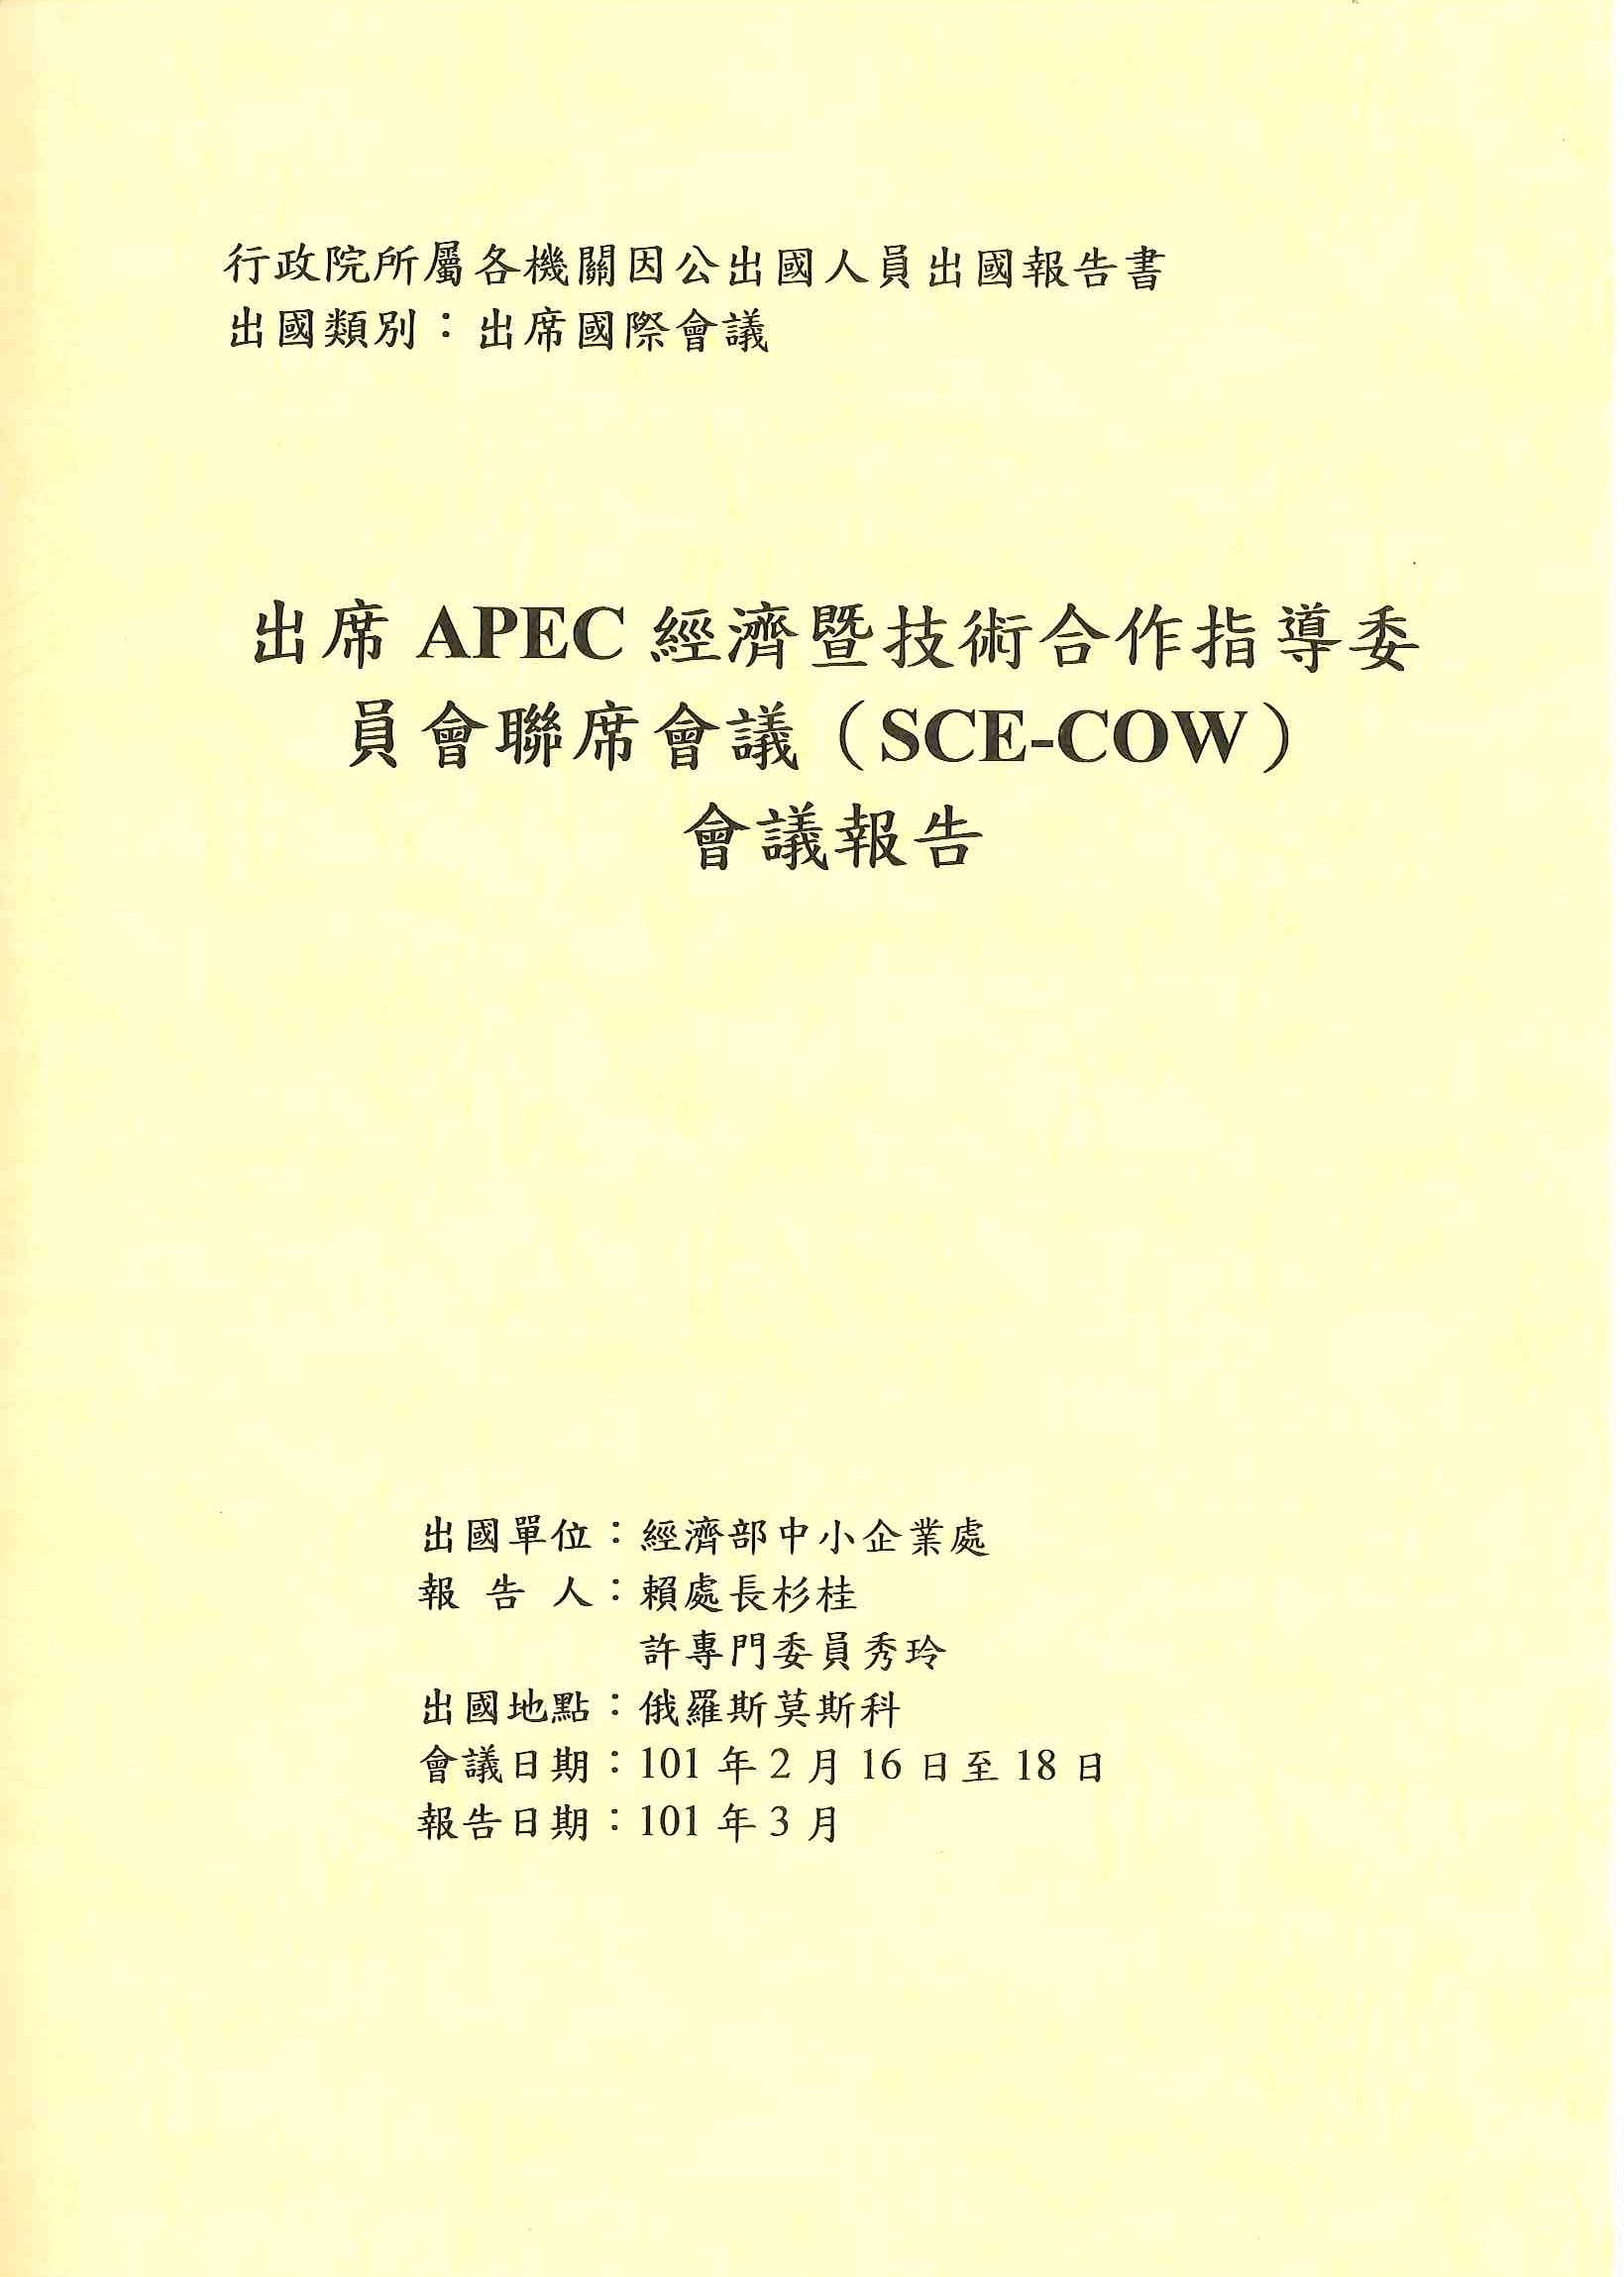 出席APEC經濟暨技術合作指導委員會聯席會議(SCE-COW)會議報告